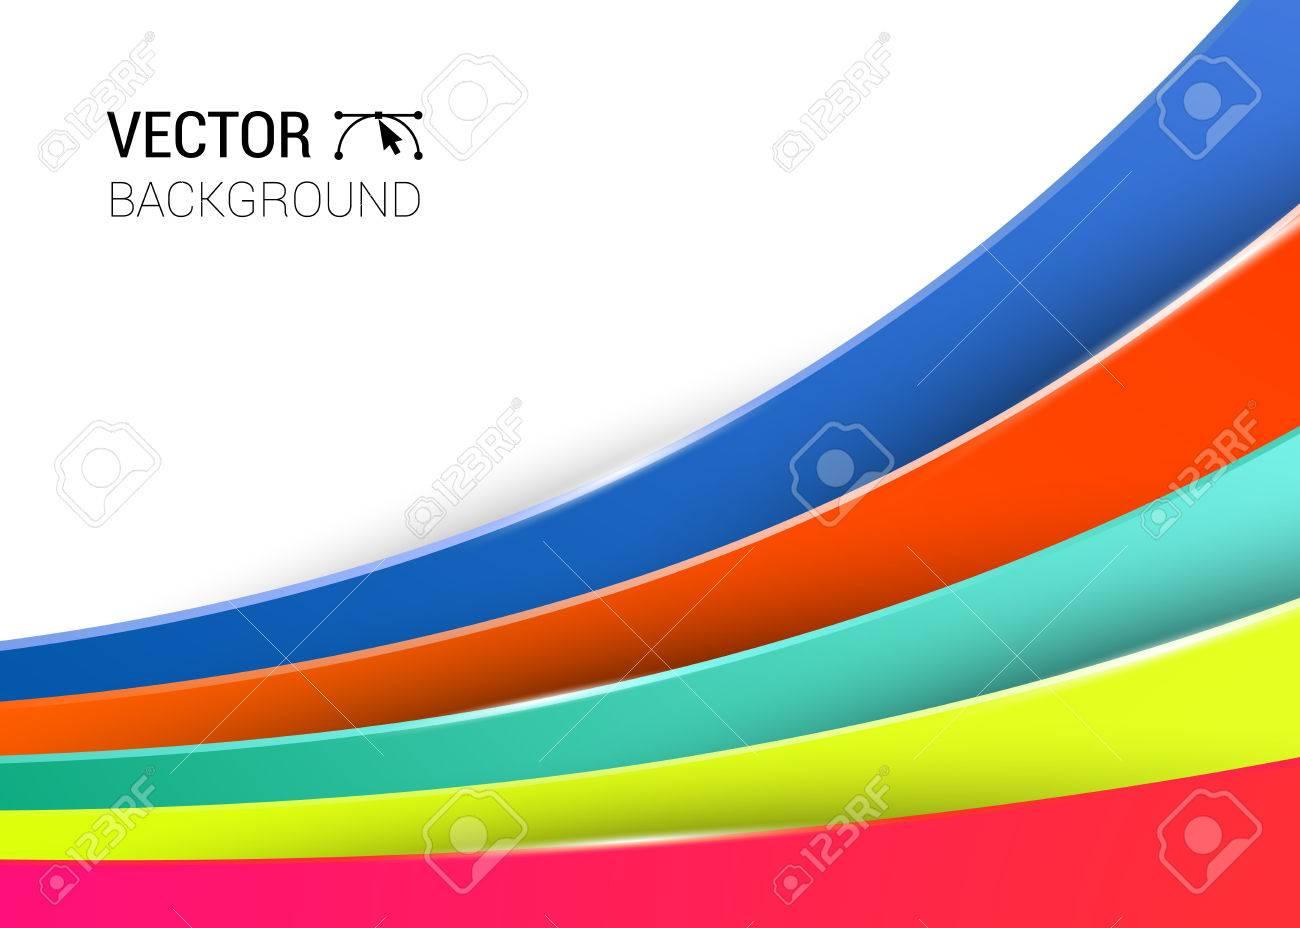 Farbe hintergrund vektor